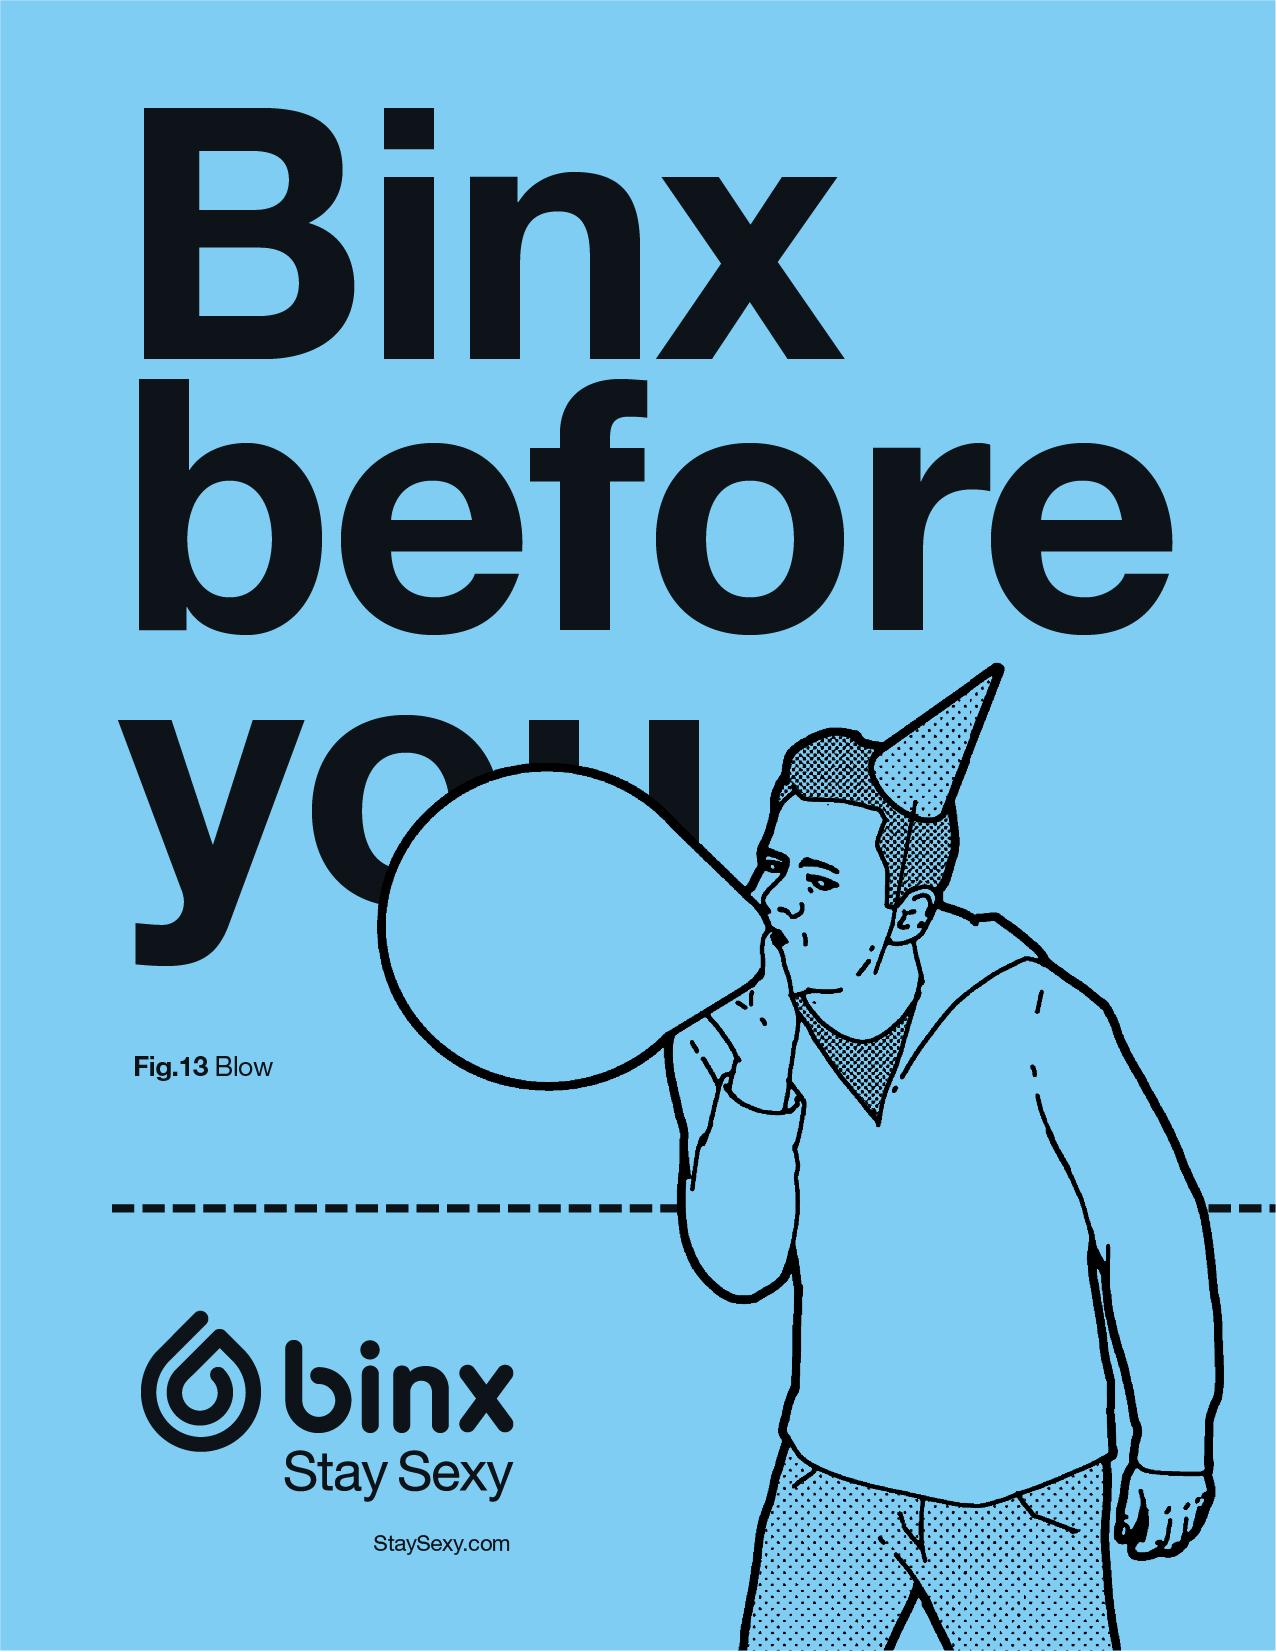 binx_flyers_3.jpg